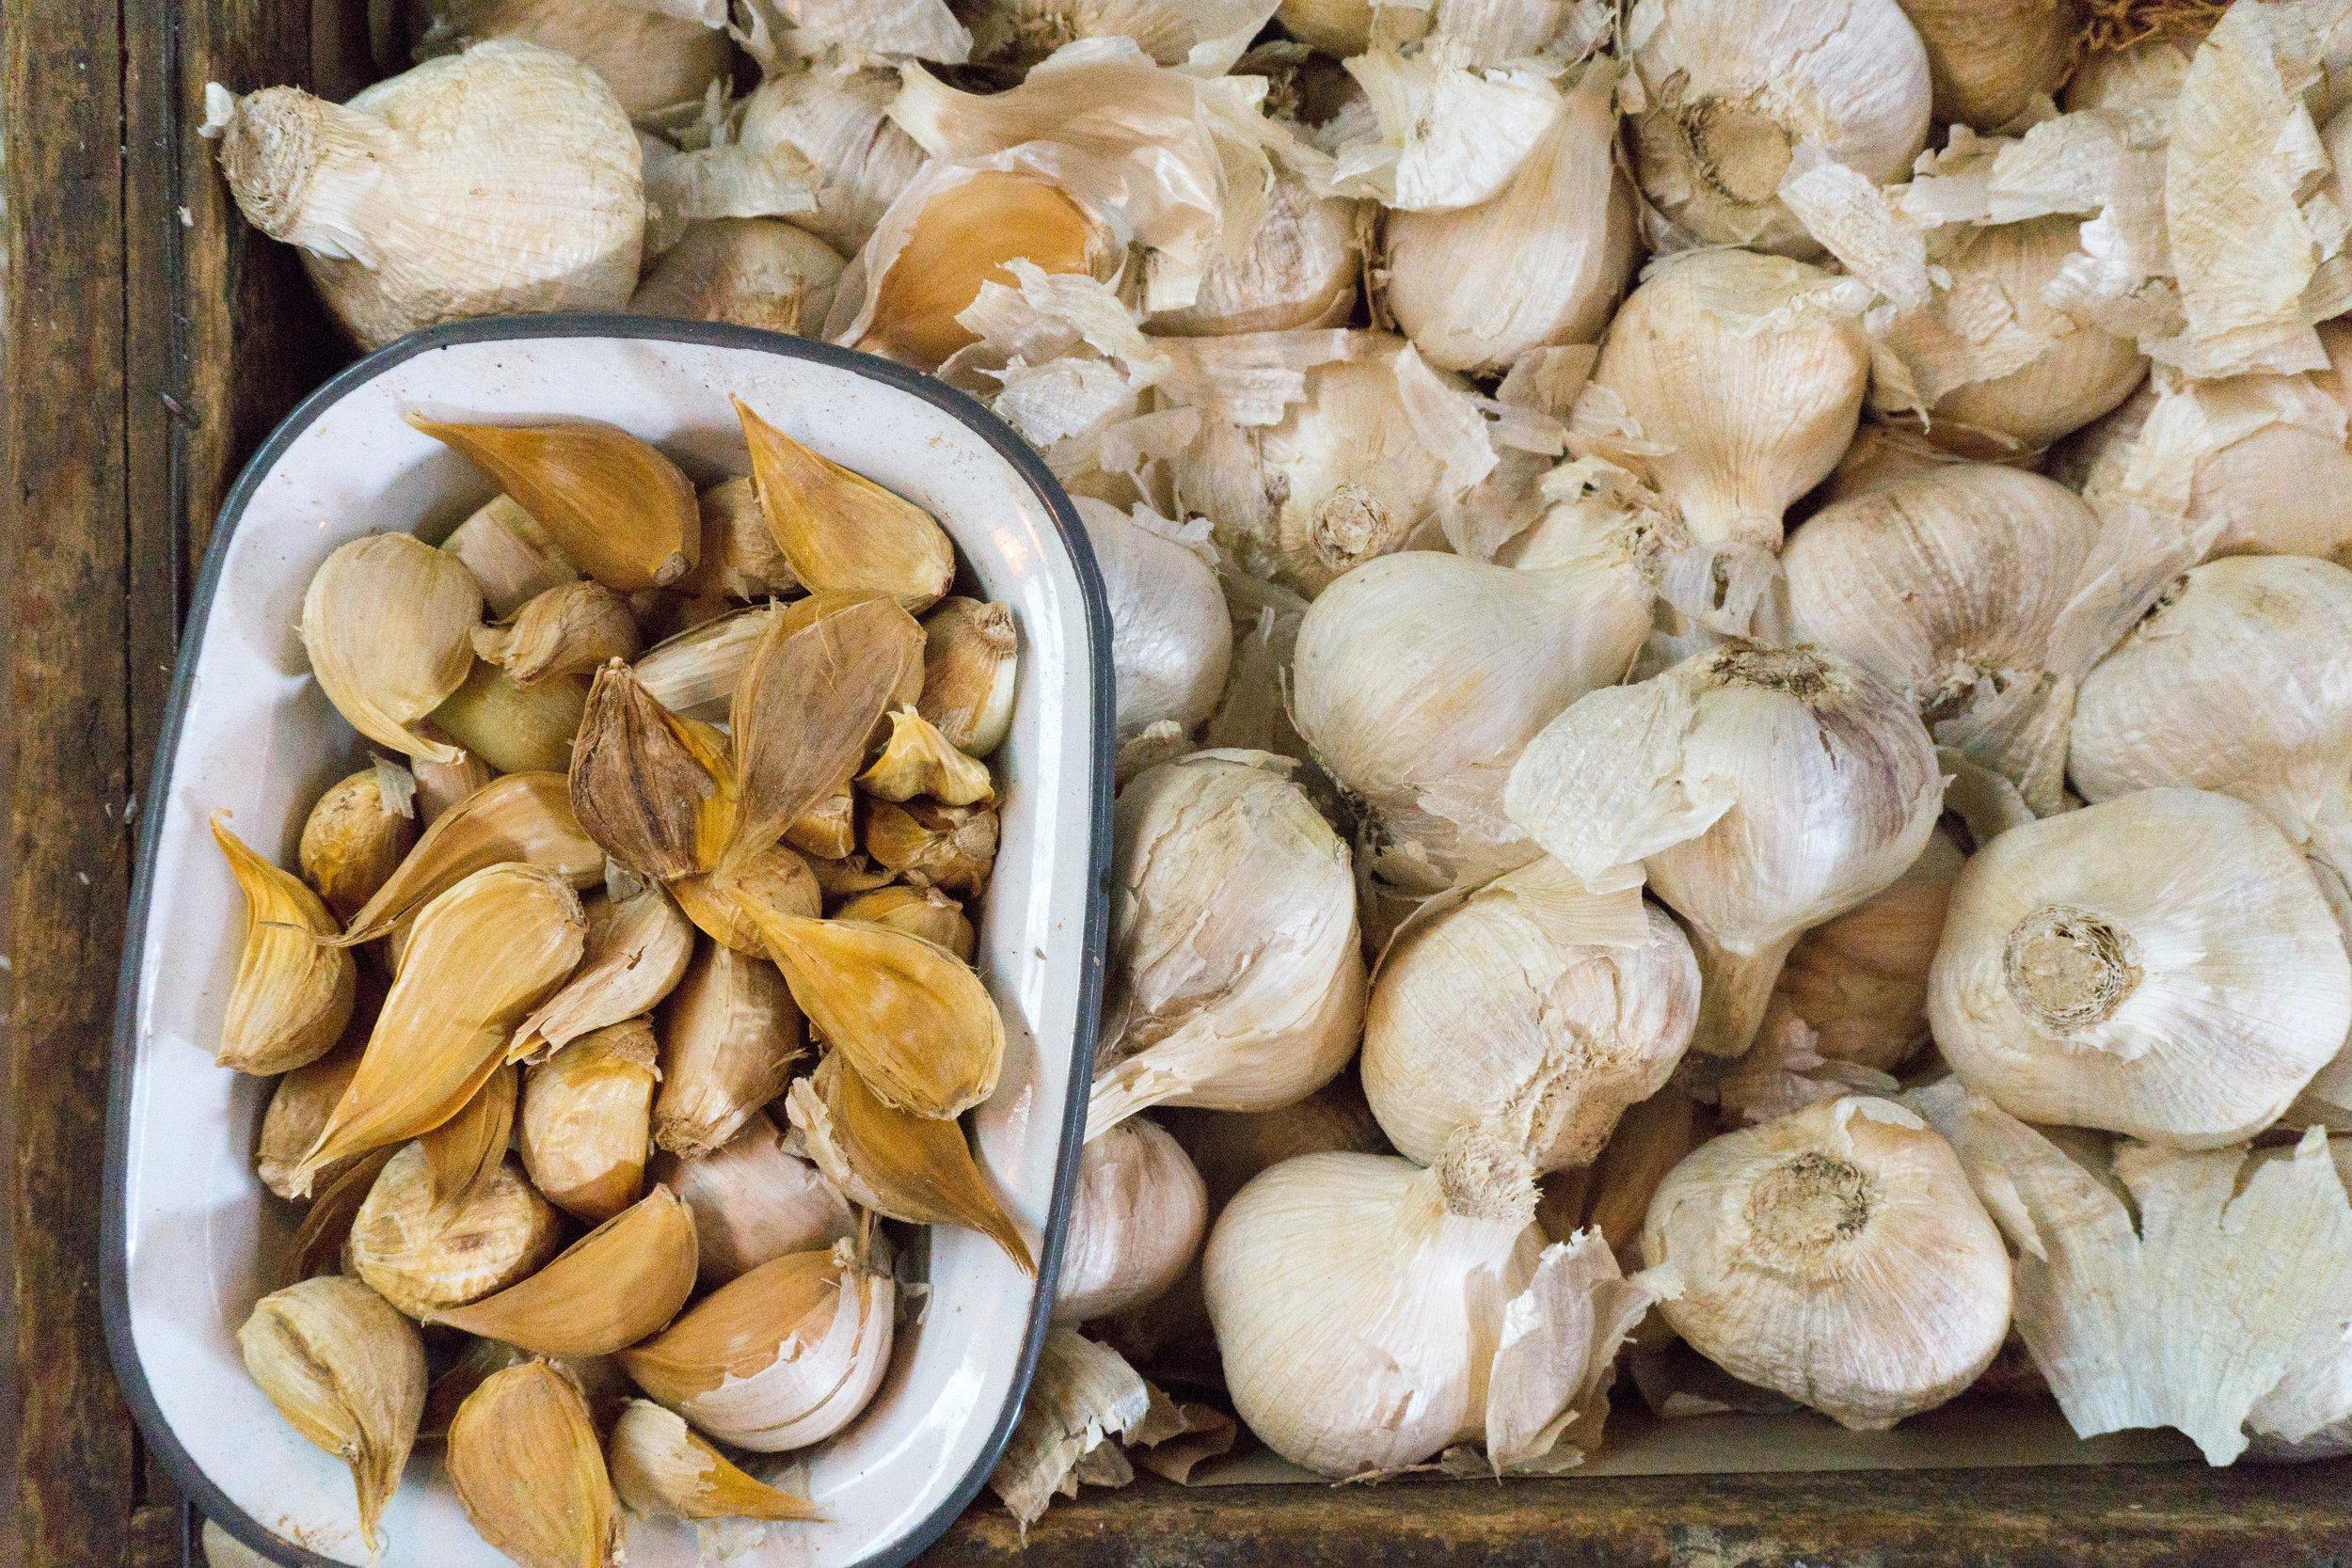 Fresh garlic from the farm